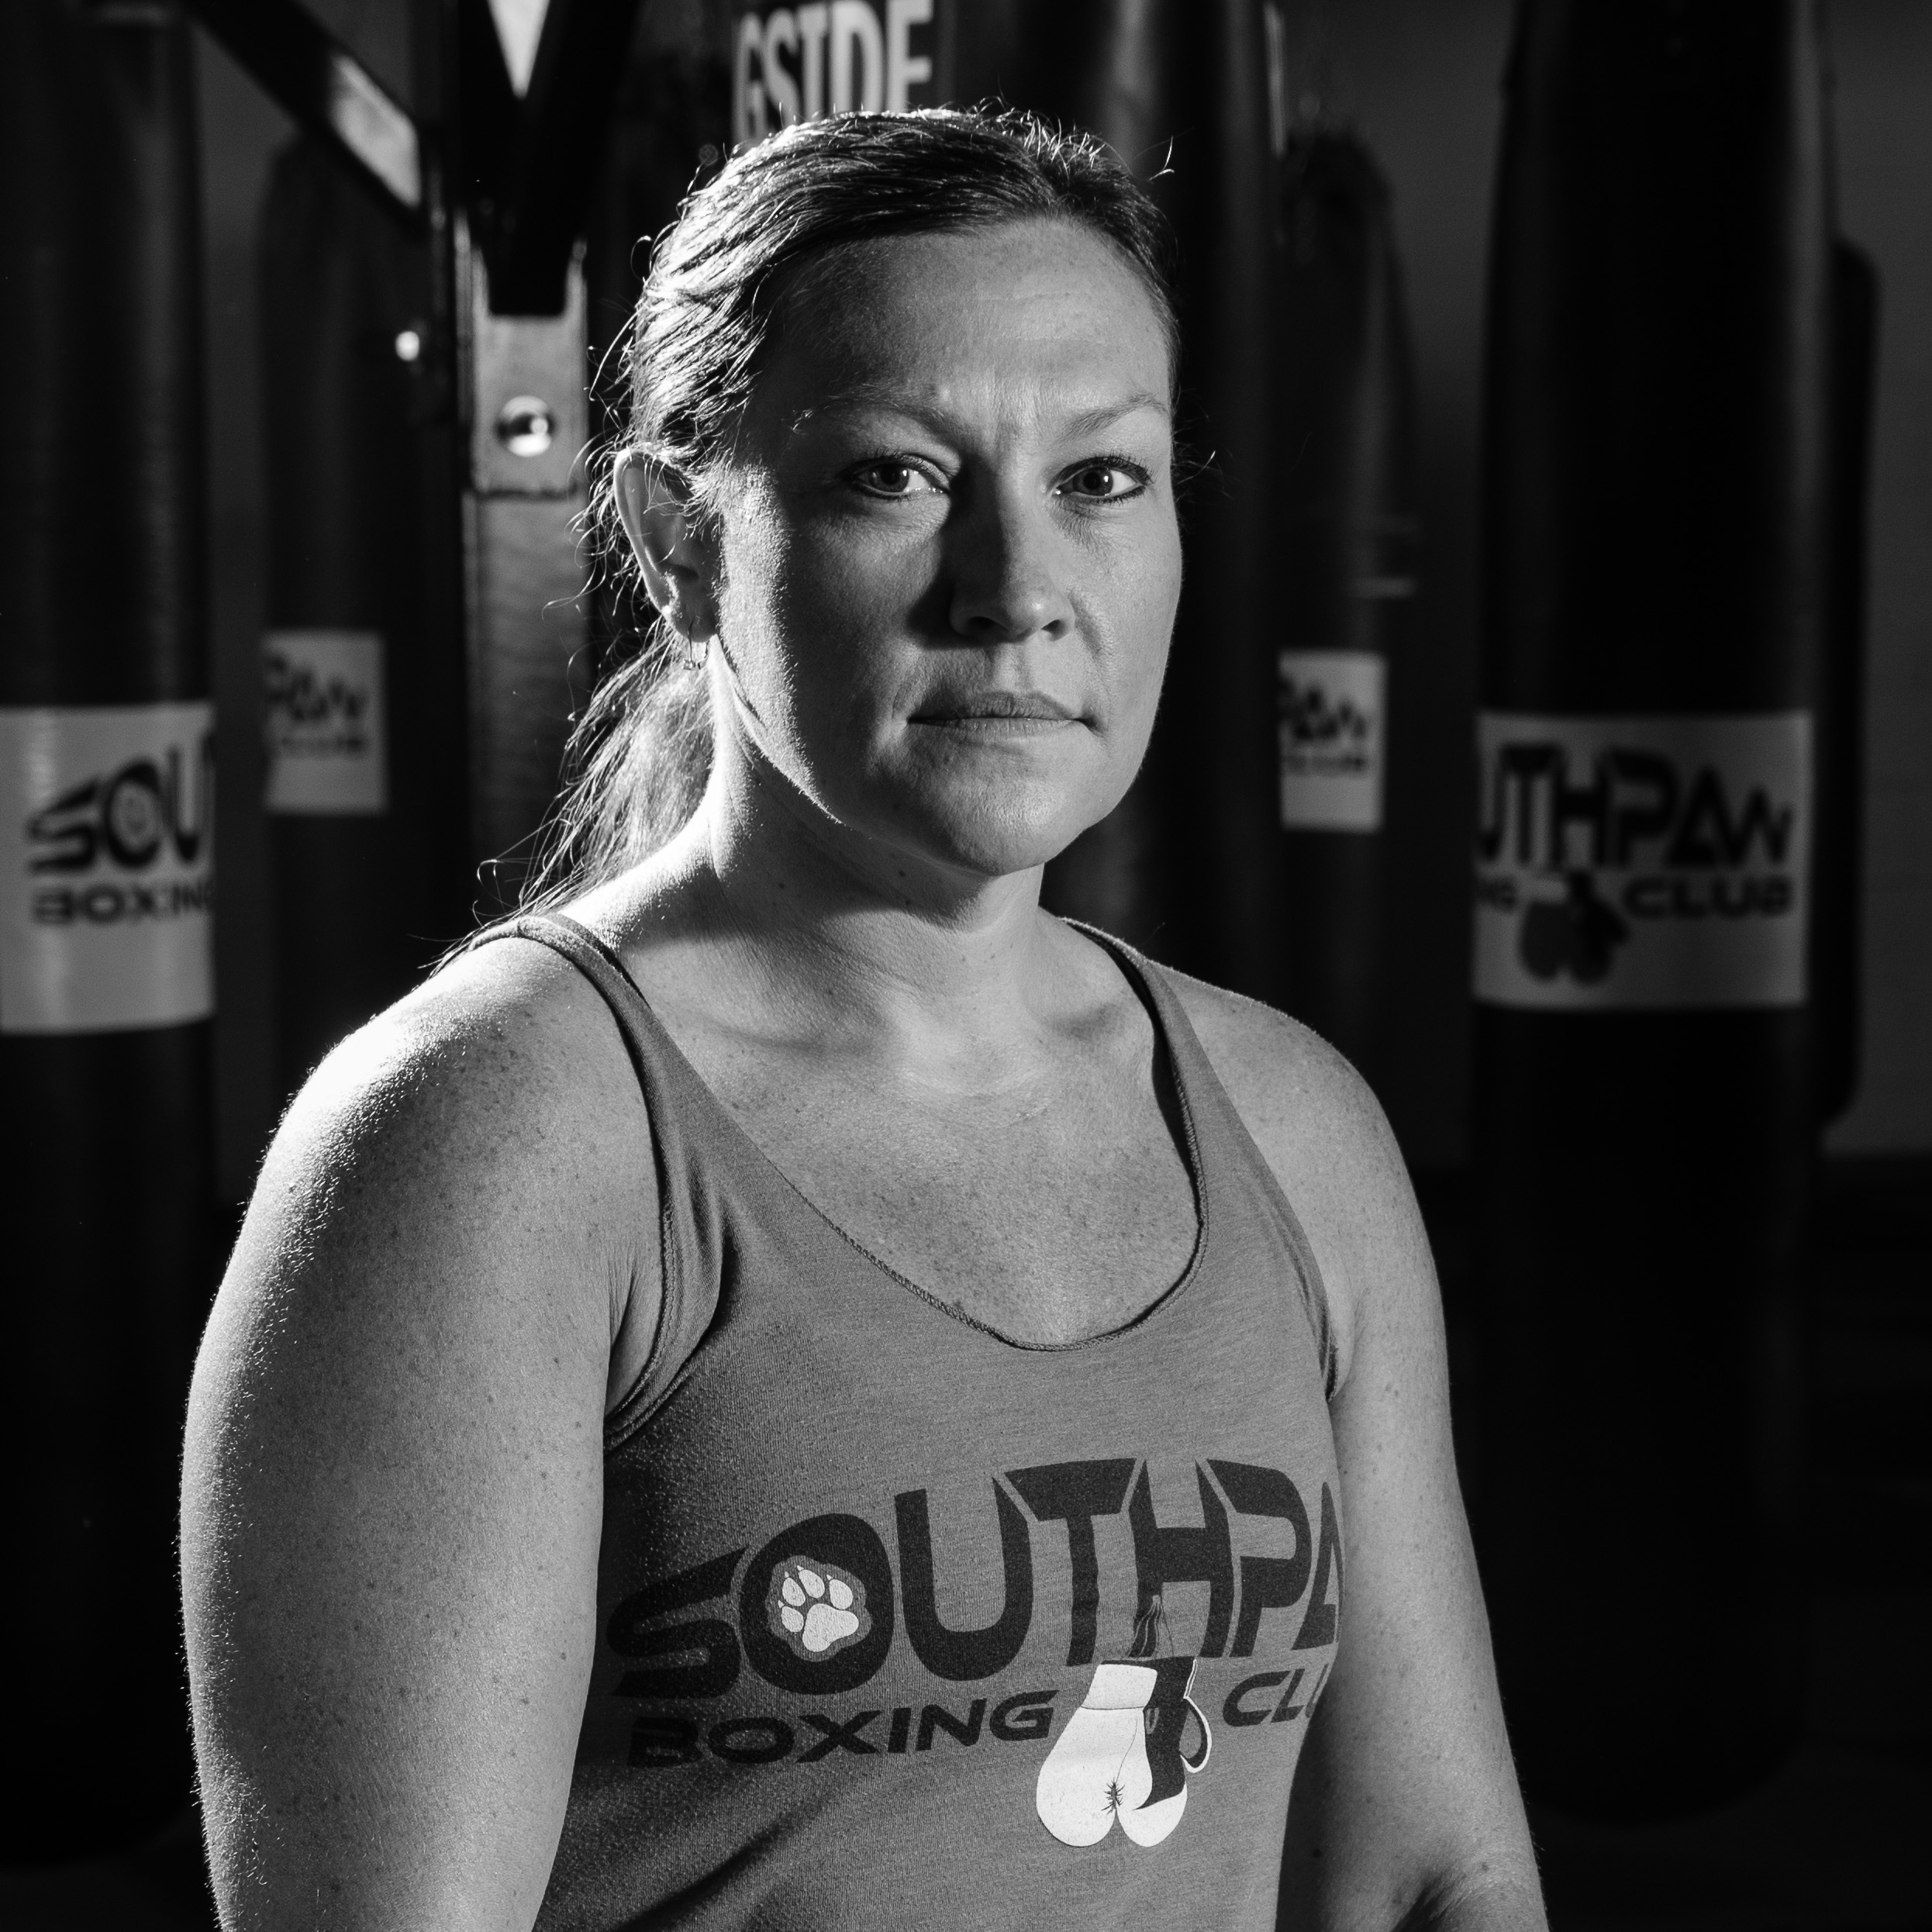 Southpaw_coaches-9_Heather_Chilcote.jpg